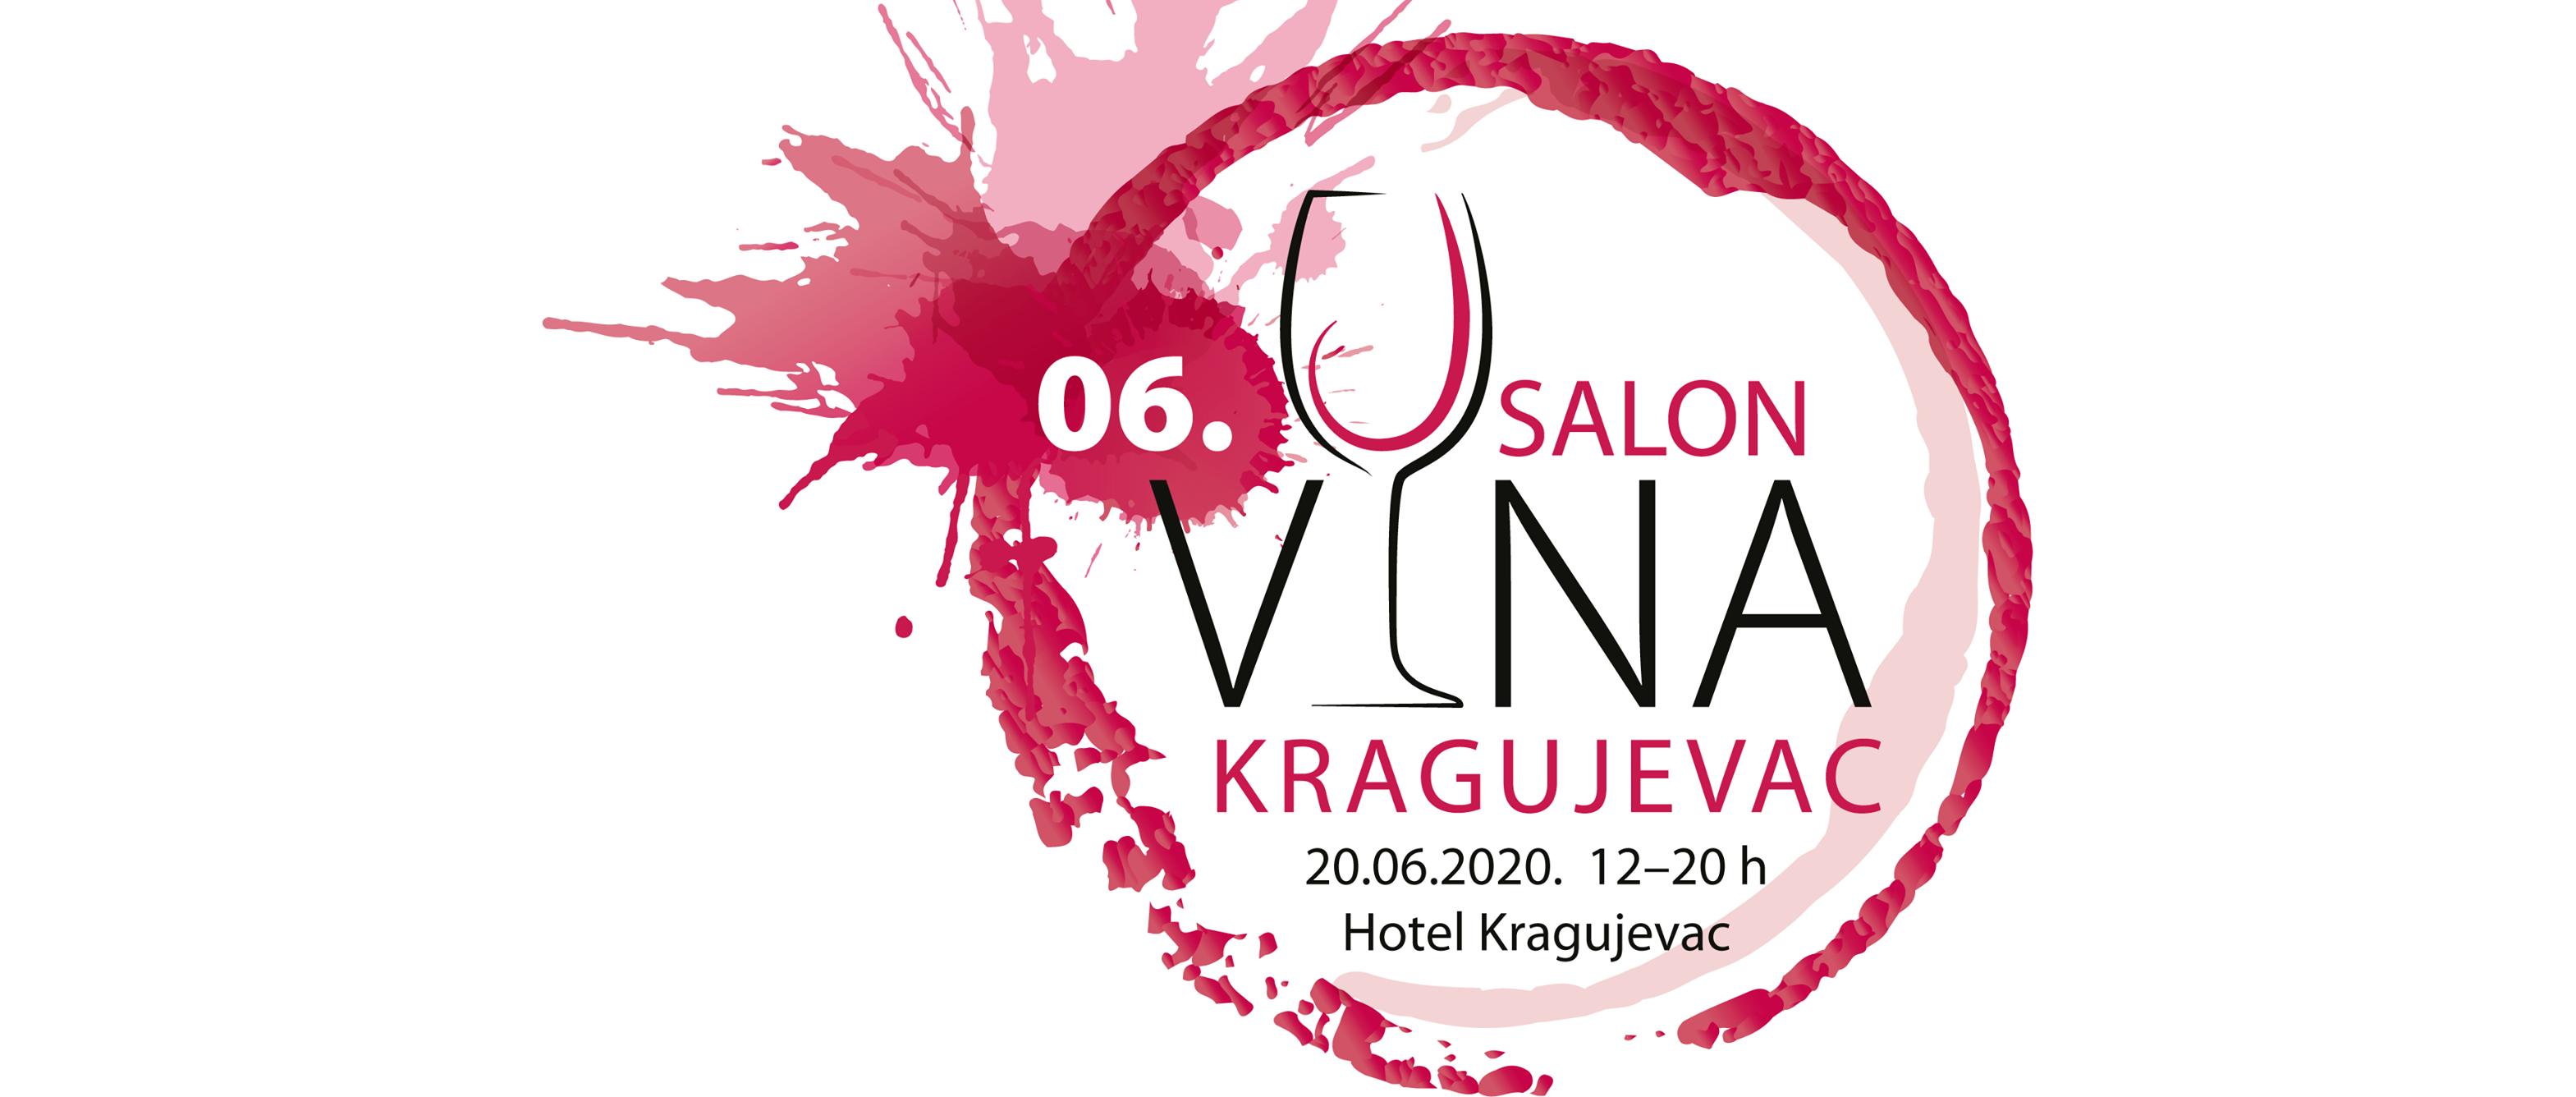 plakat_salon_vina_kragujevac_2020